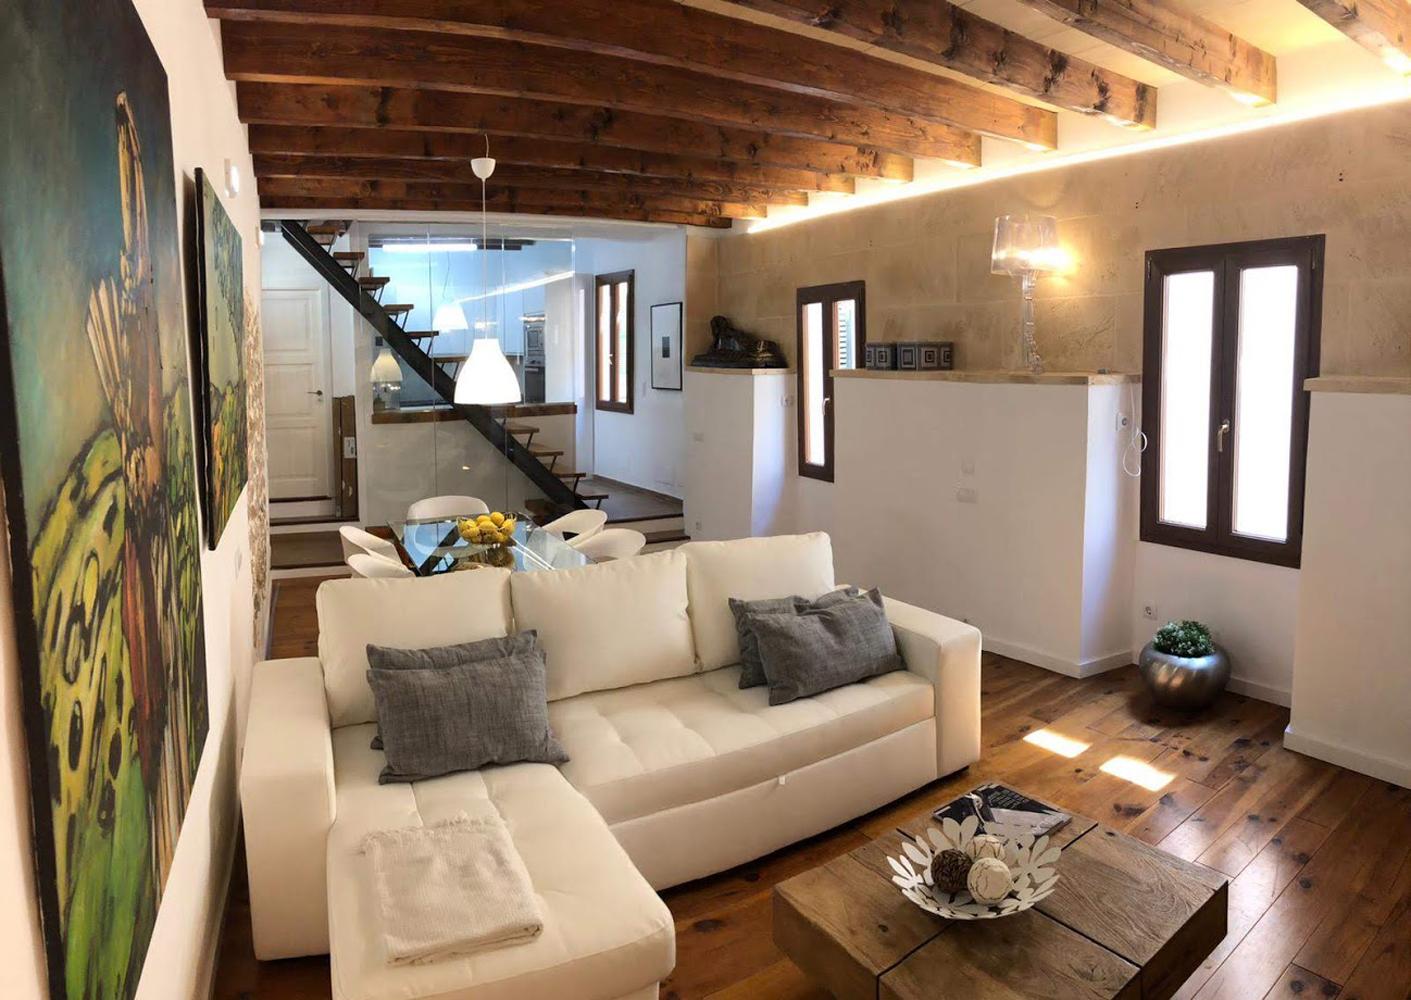 Images de la propriété immobilière de Duplex avec terrasse ensoleillée...